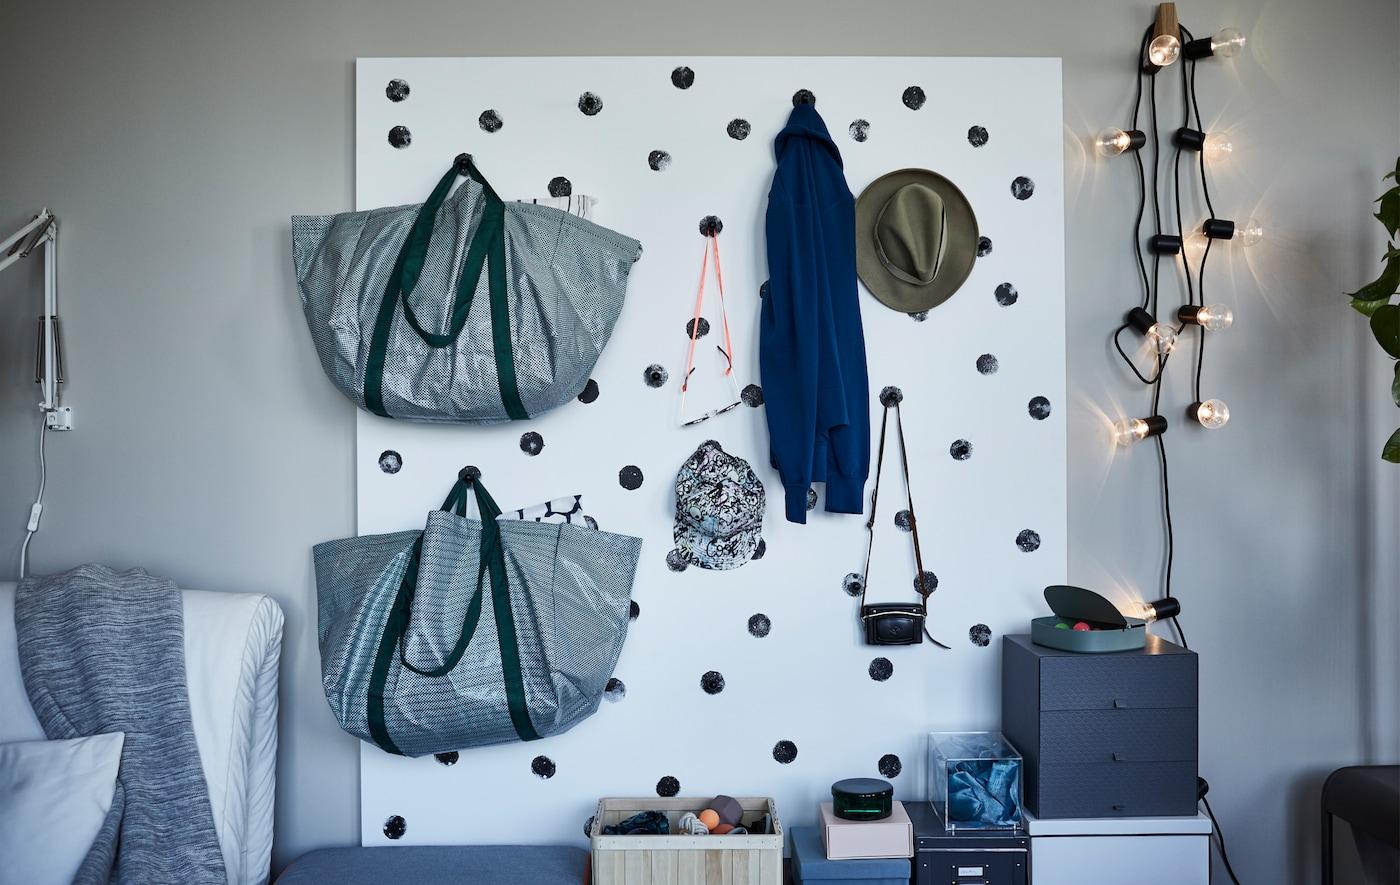 Pour Accrocher Les Vetements crée un mur de rangement artistique - ikea suisse